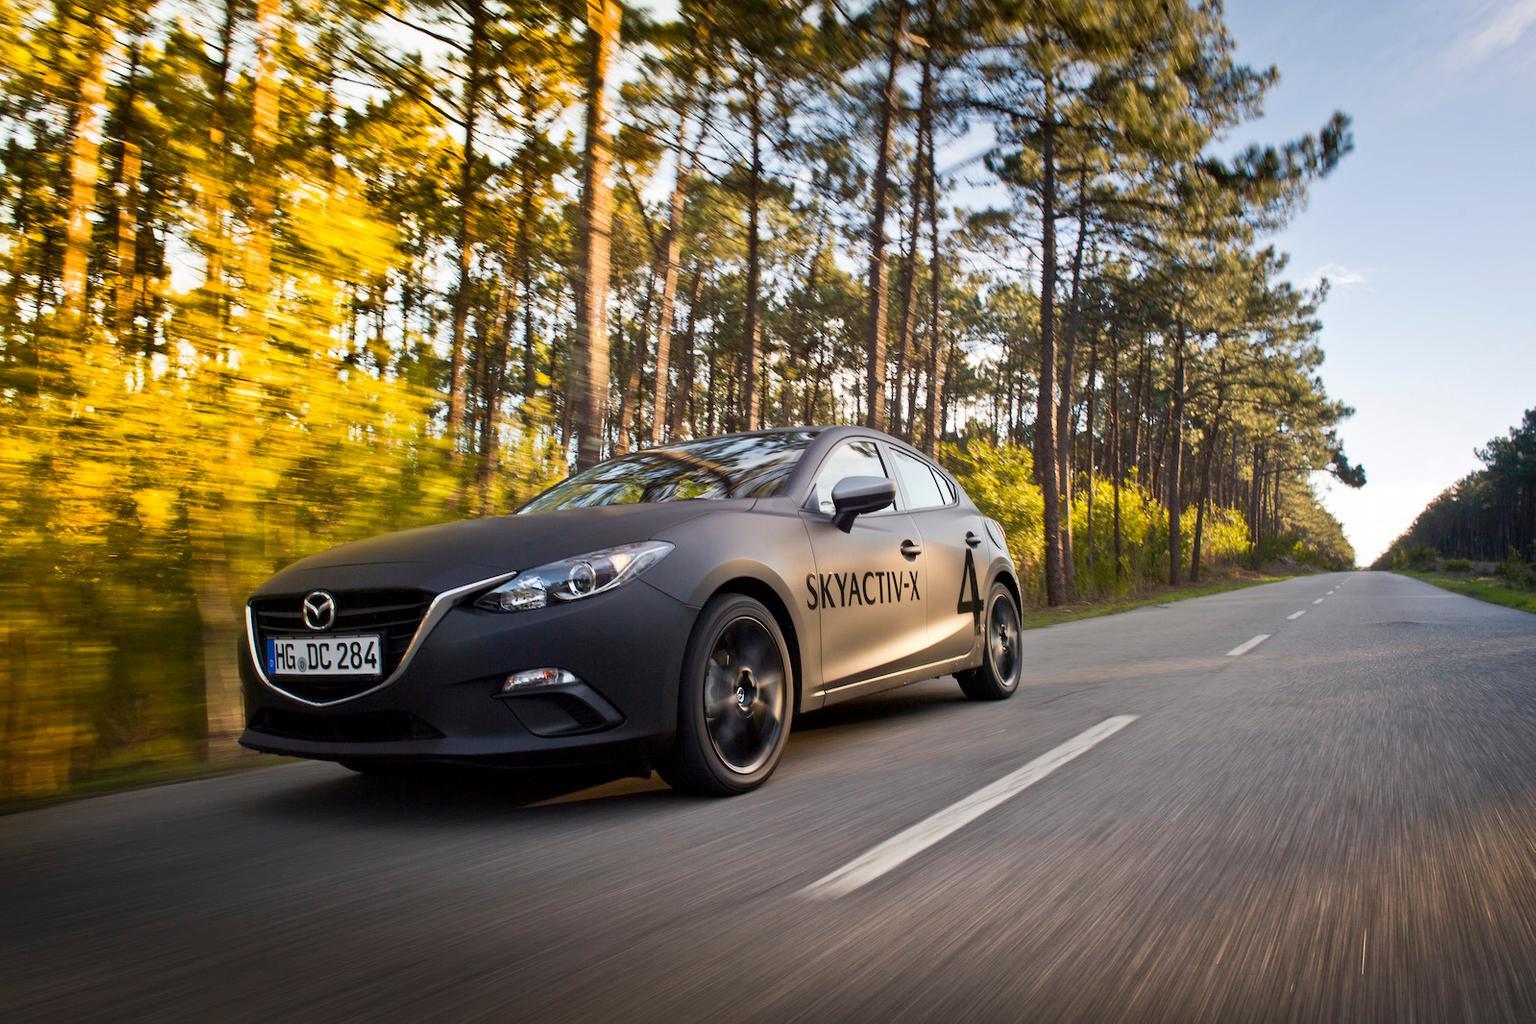 2018 Mazda 3 Skyactiv-X prototype review